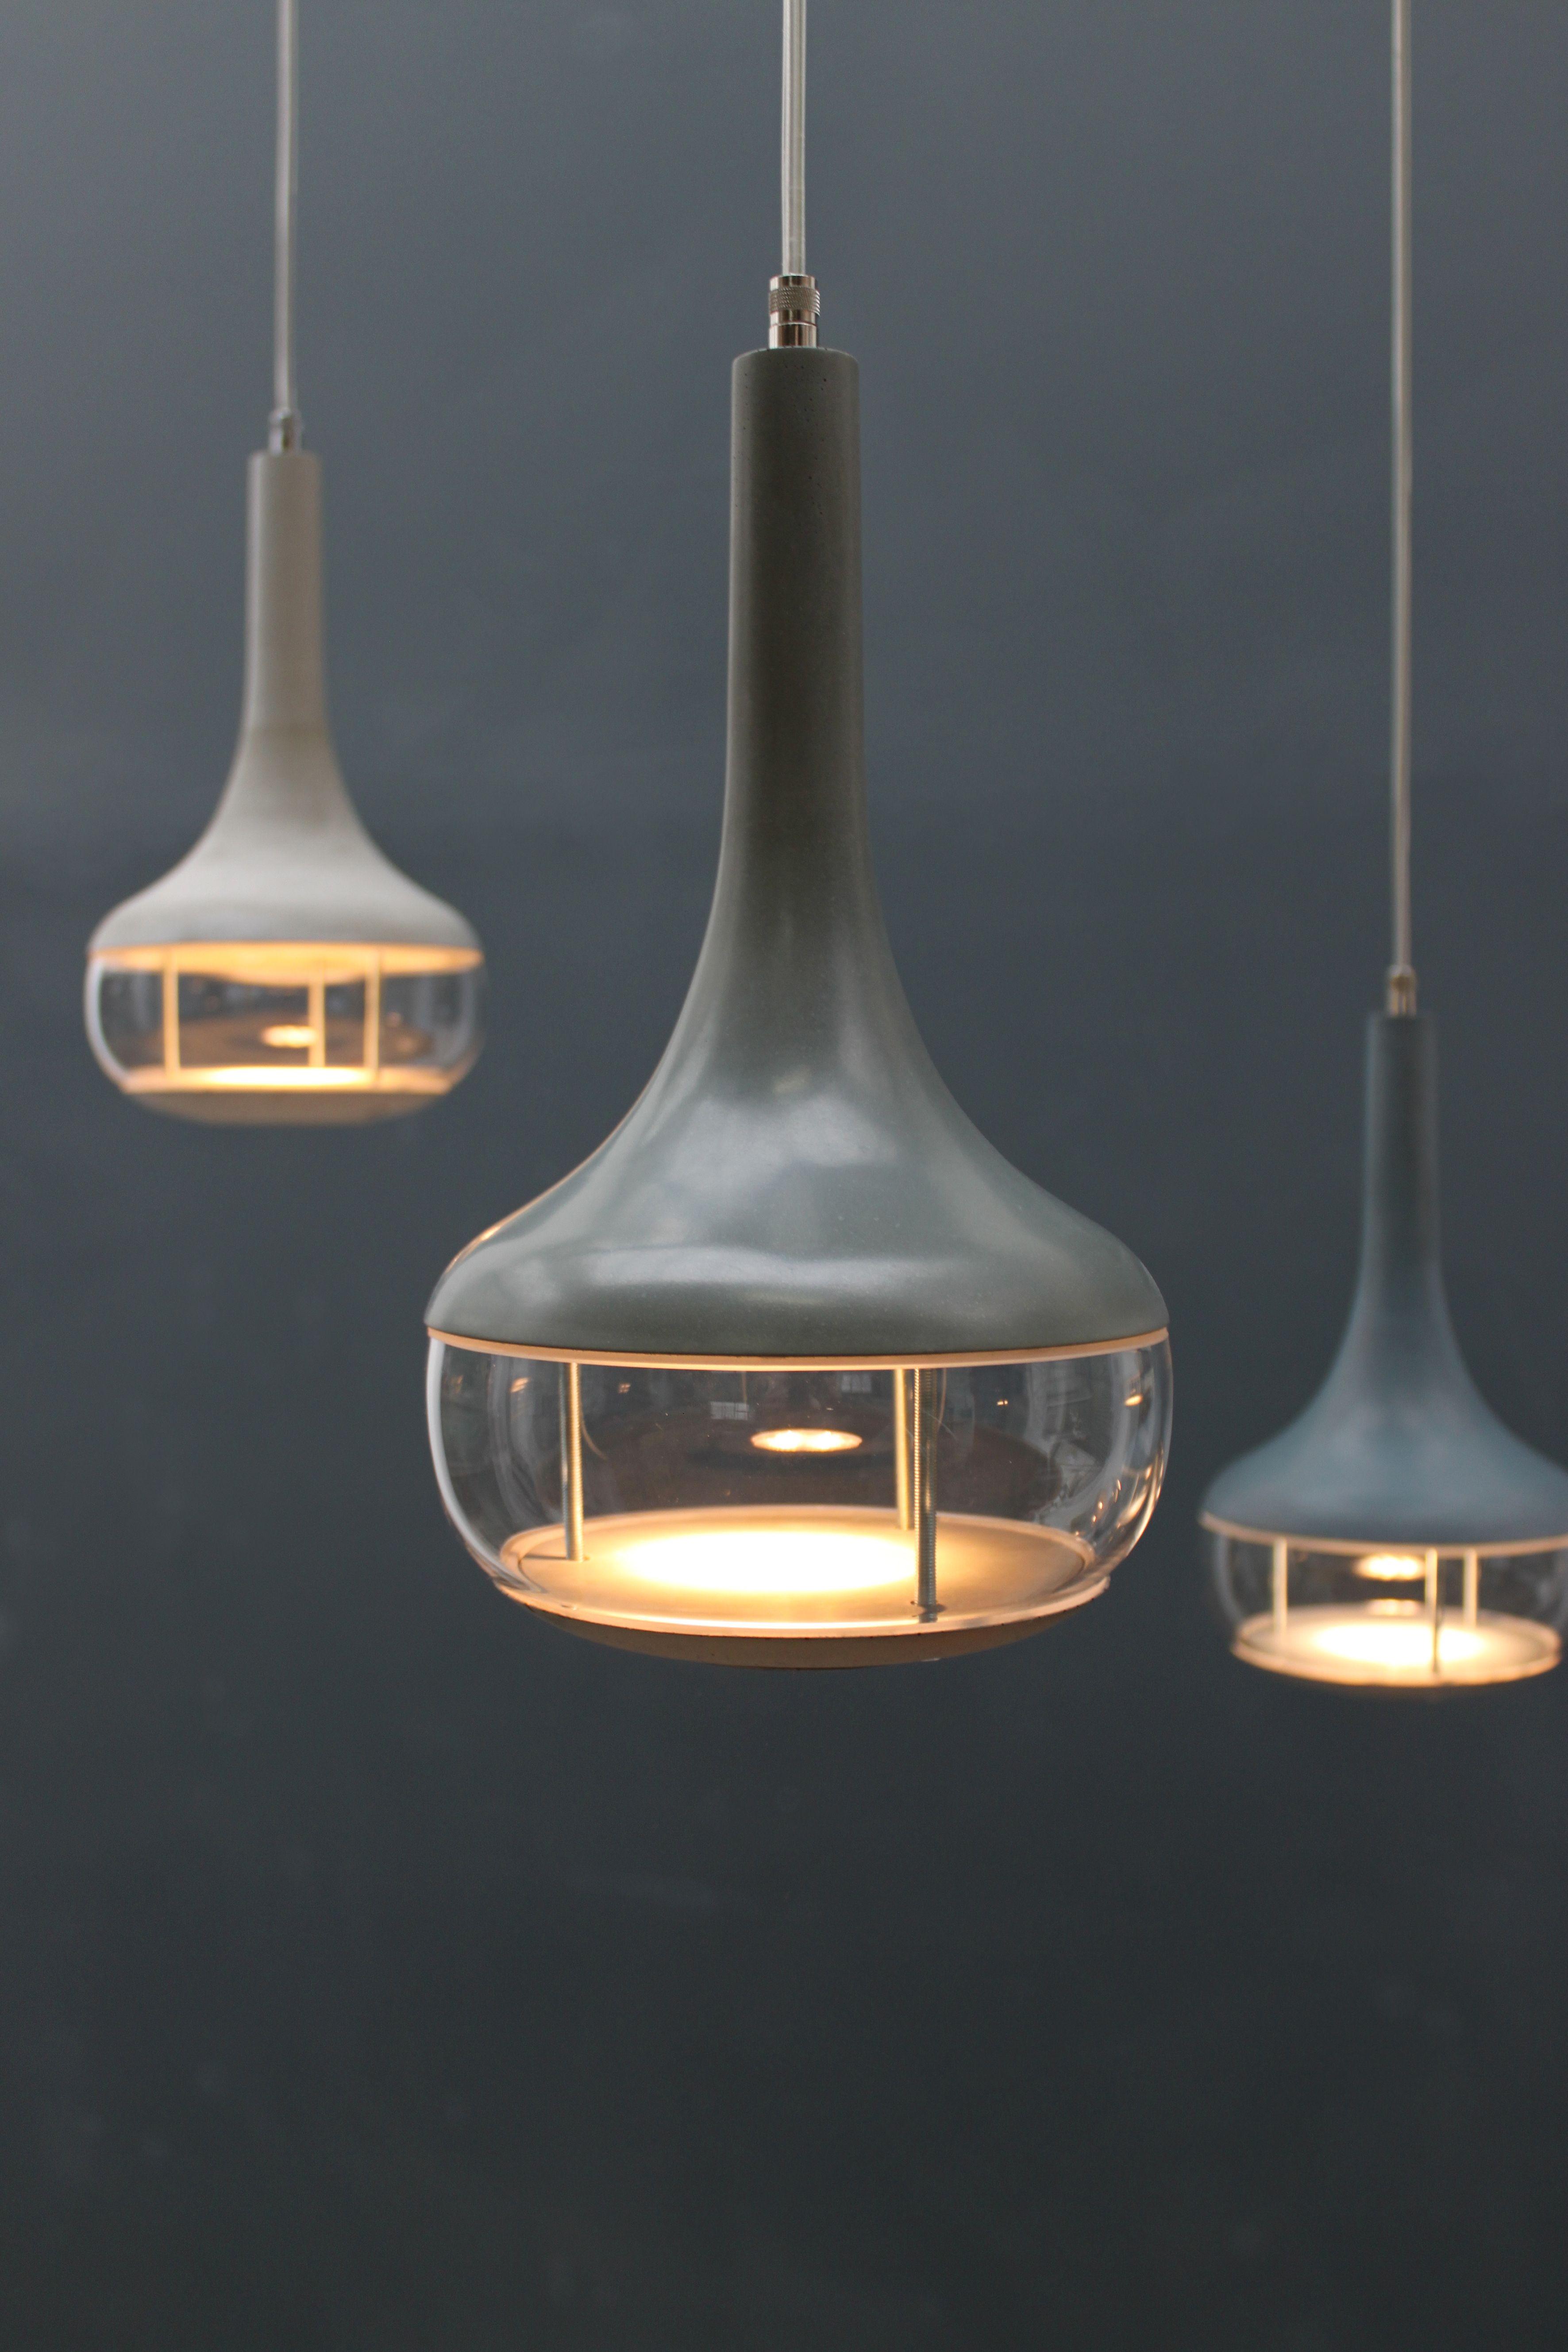 Hängeleuchte, Lamp, Lights, Leuchte, Beton, Kristallglas, Filigran ...